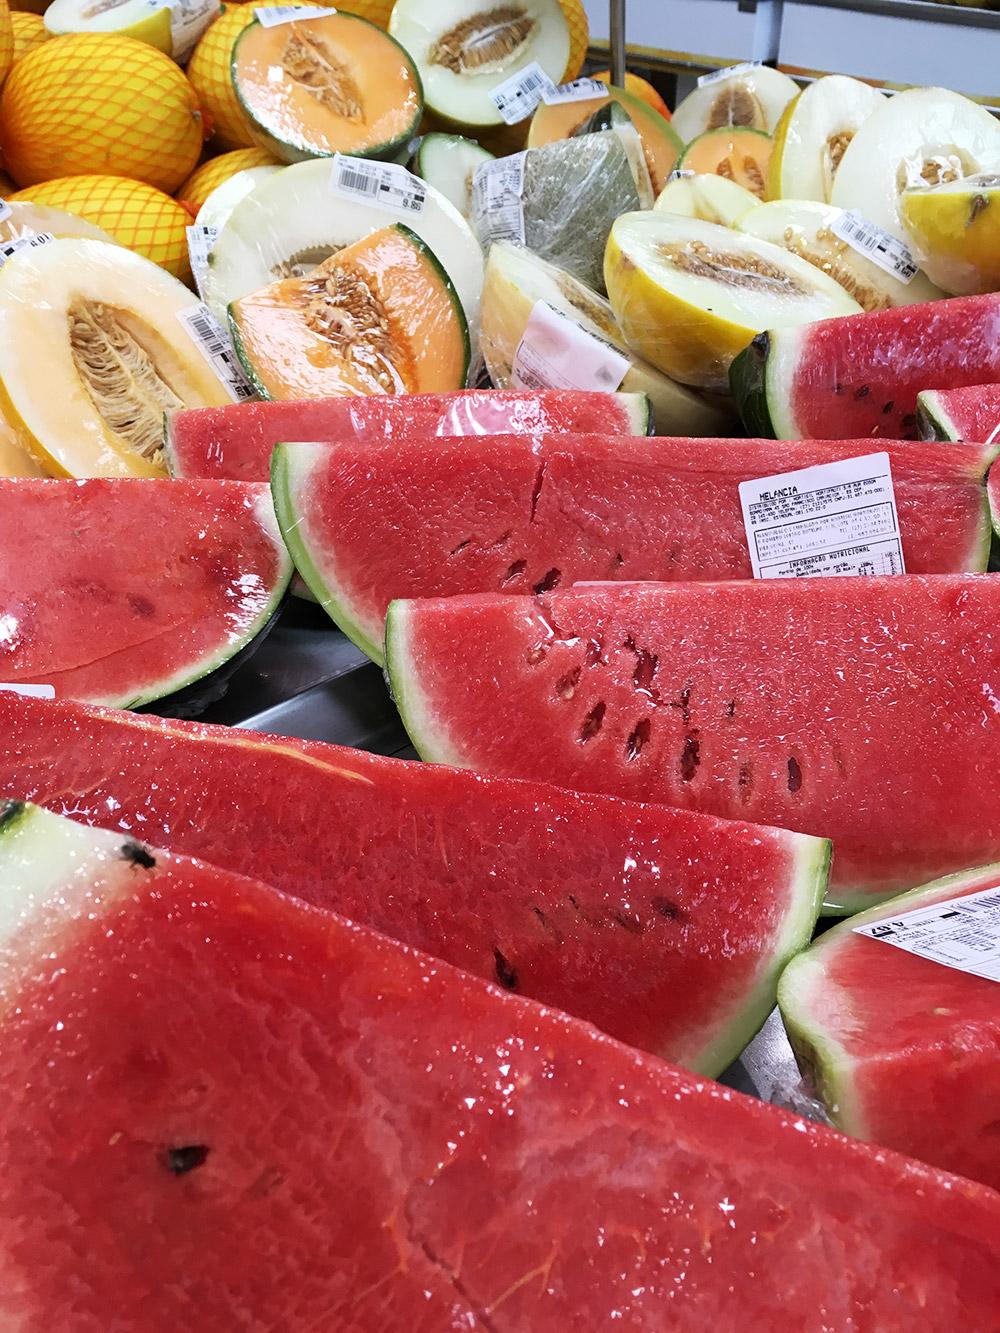 В магазинах всегда огромный ассортимент и выбор фруктов. Цены смешные. Удобно, что можно купить только часть арбуза, дыни, папайи